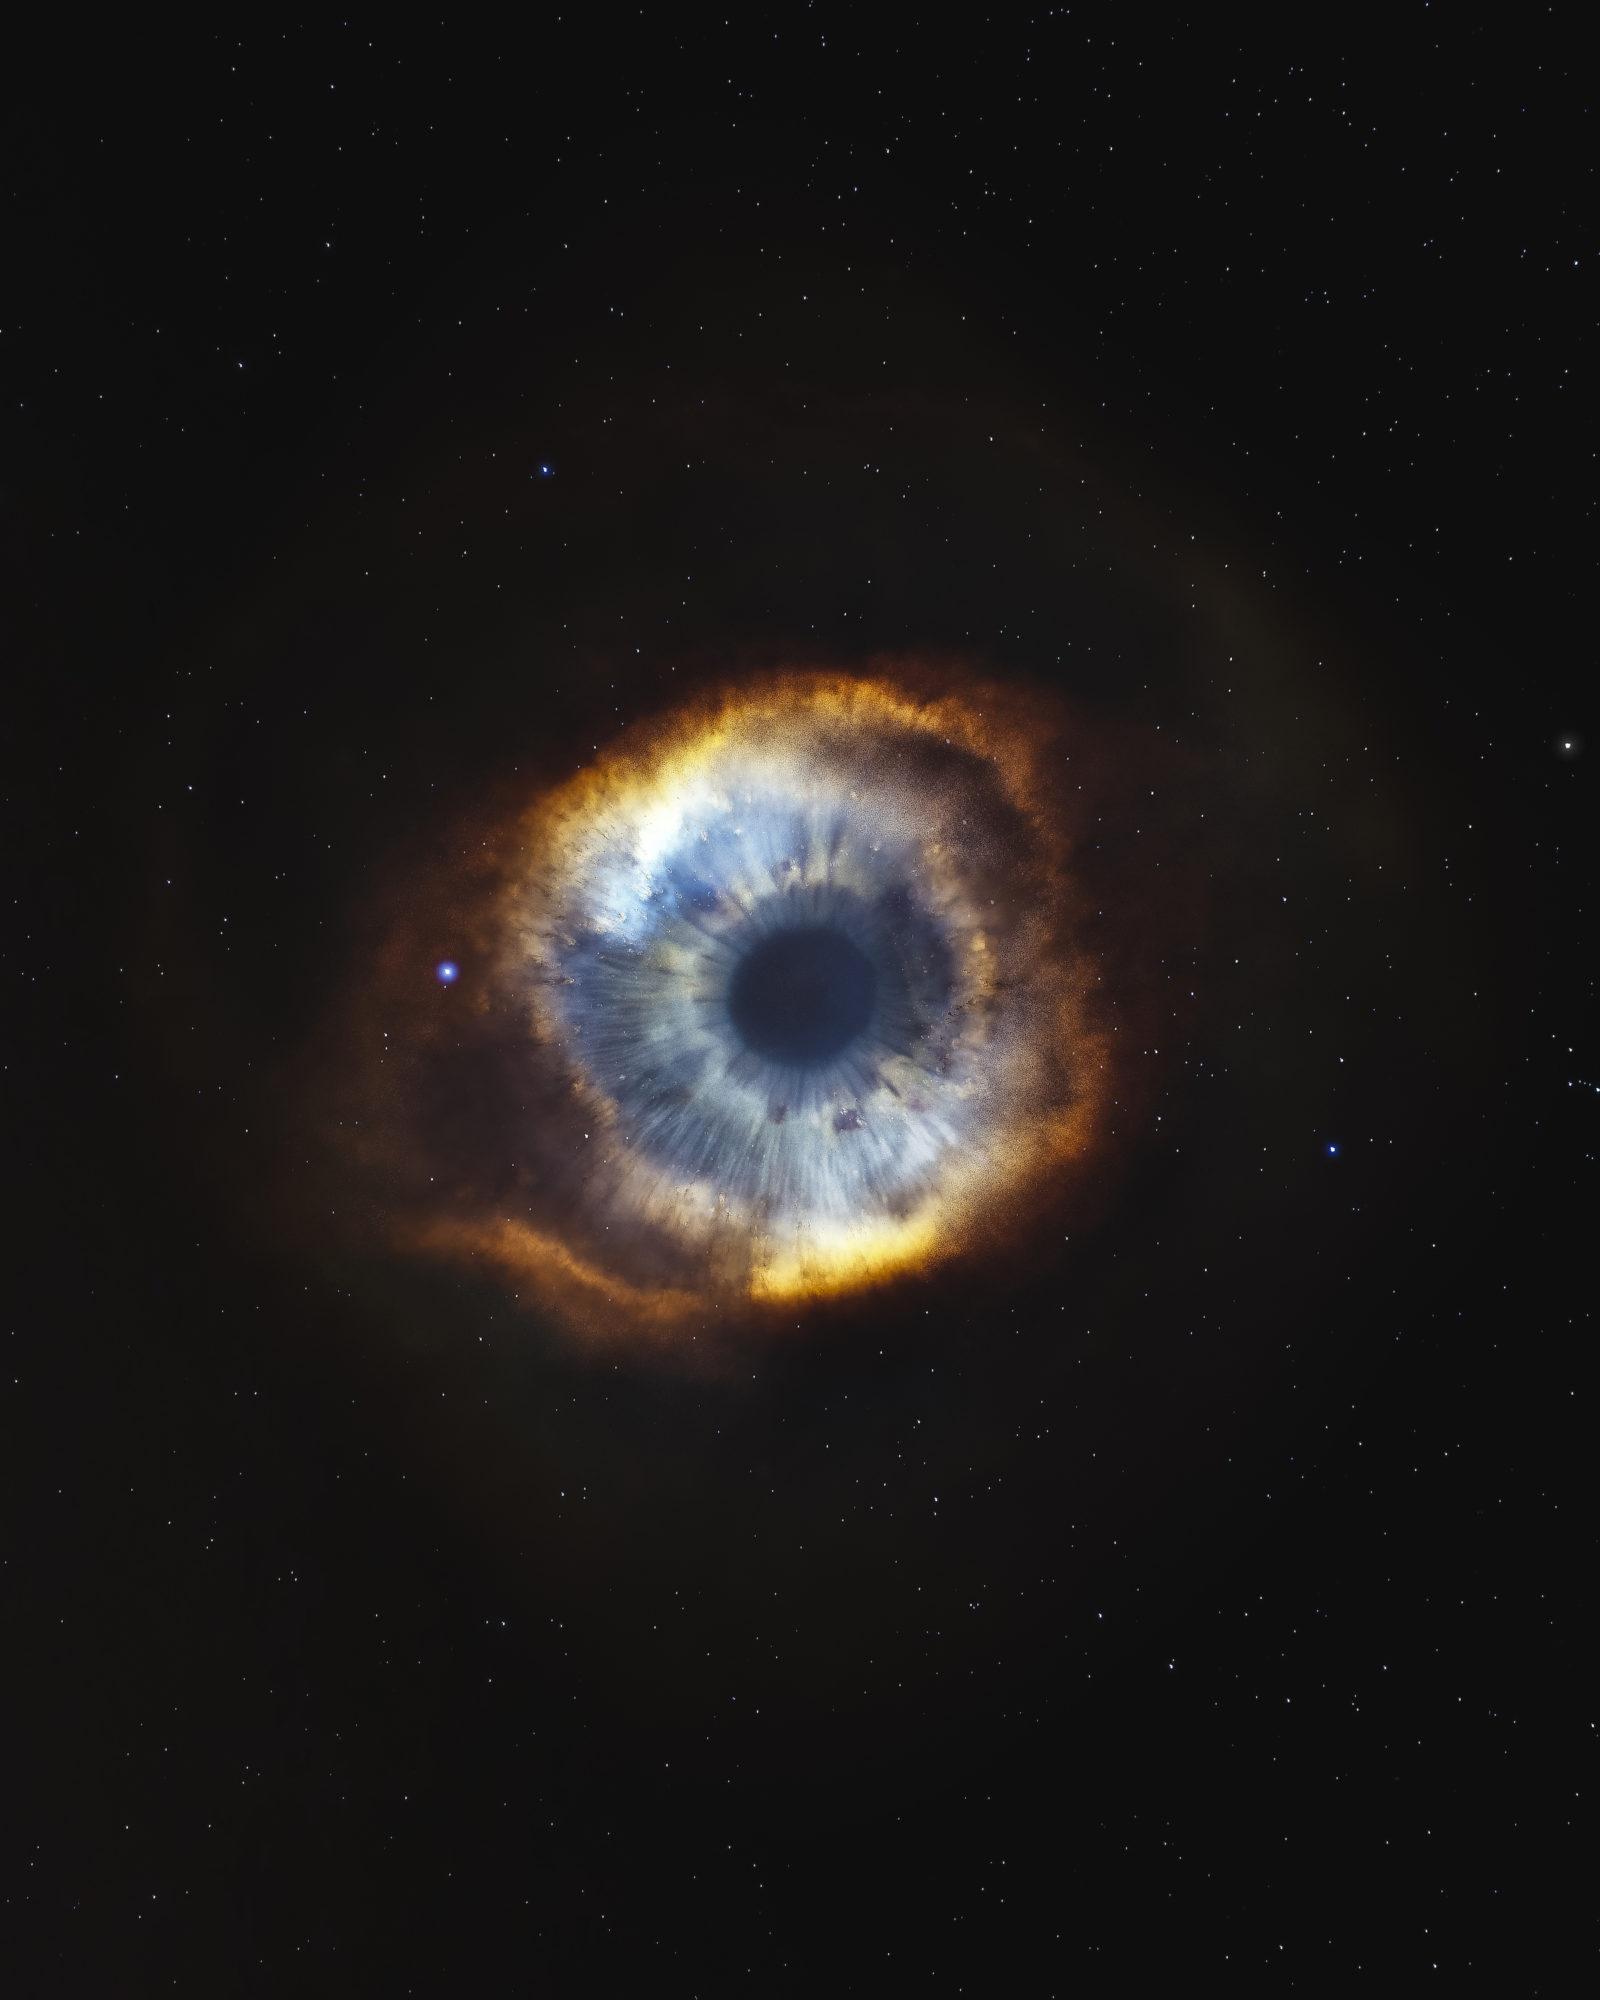 Galaxy-Eye-Kopie-1600x2000.jpg